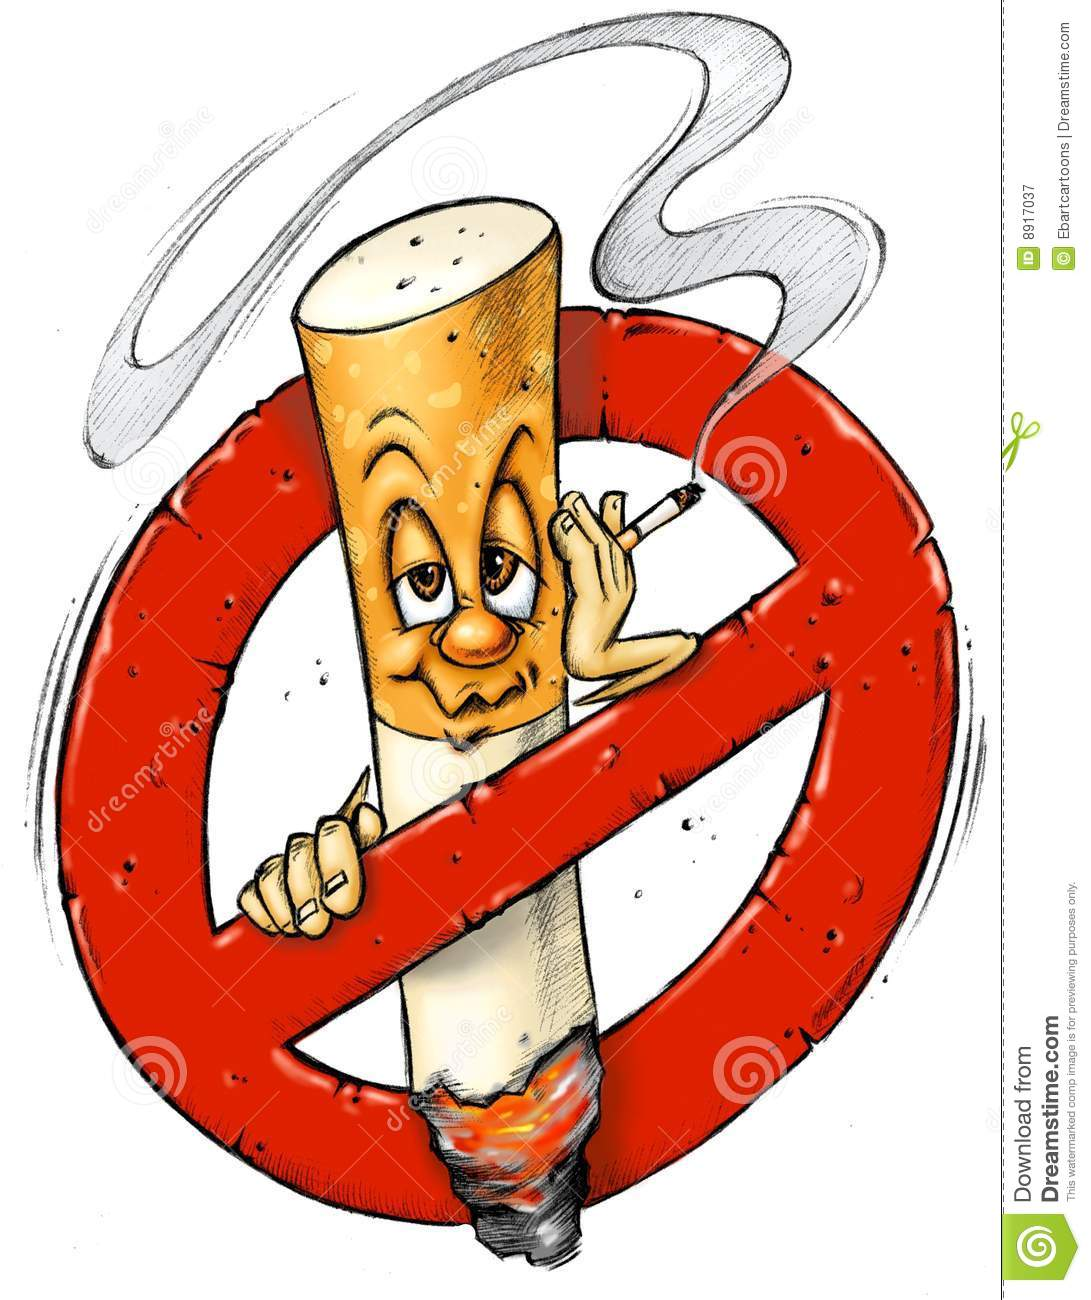 The anti-Smoking cartoon - YouTube